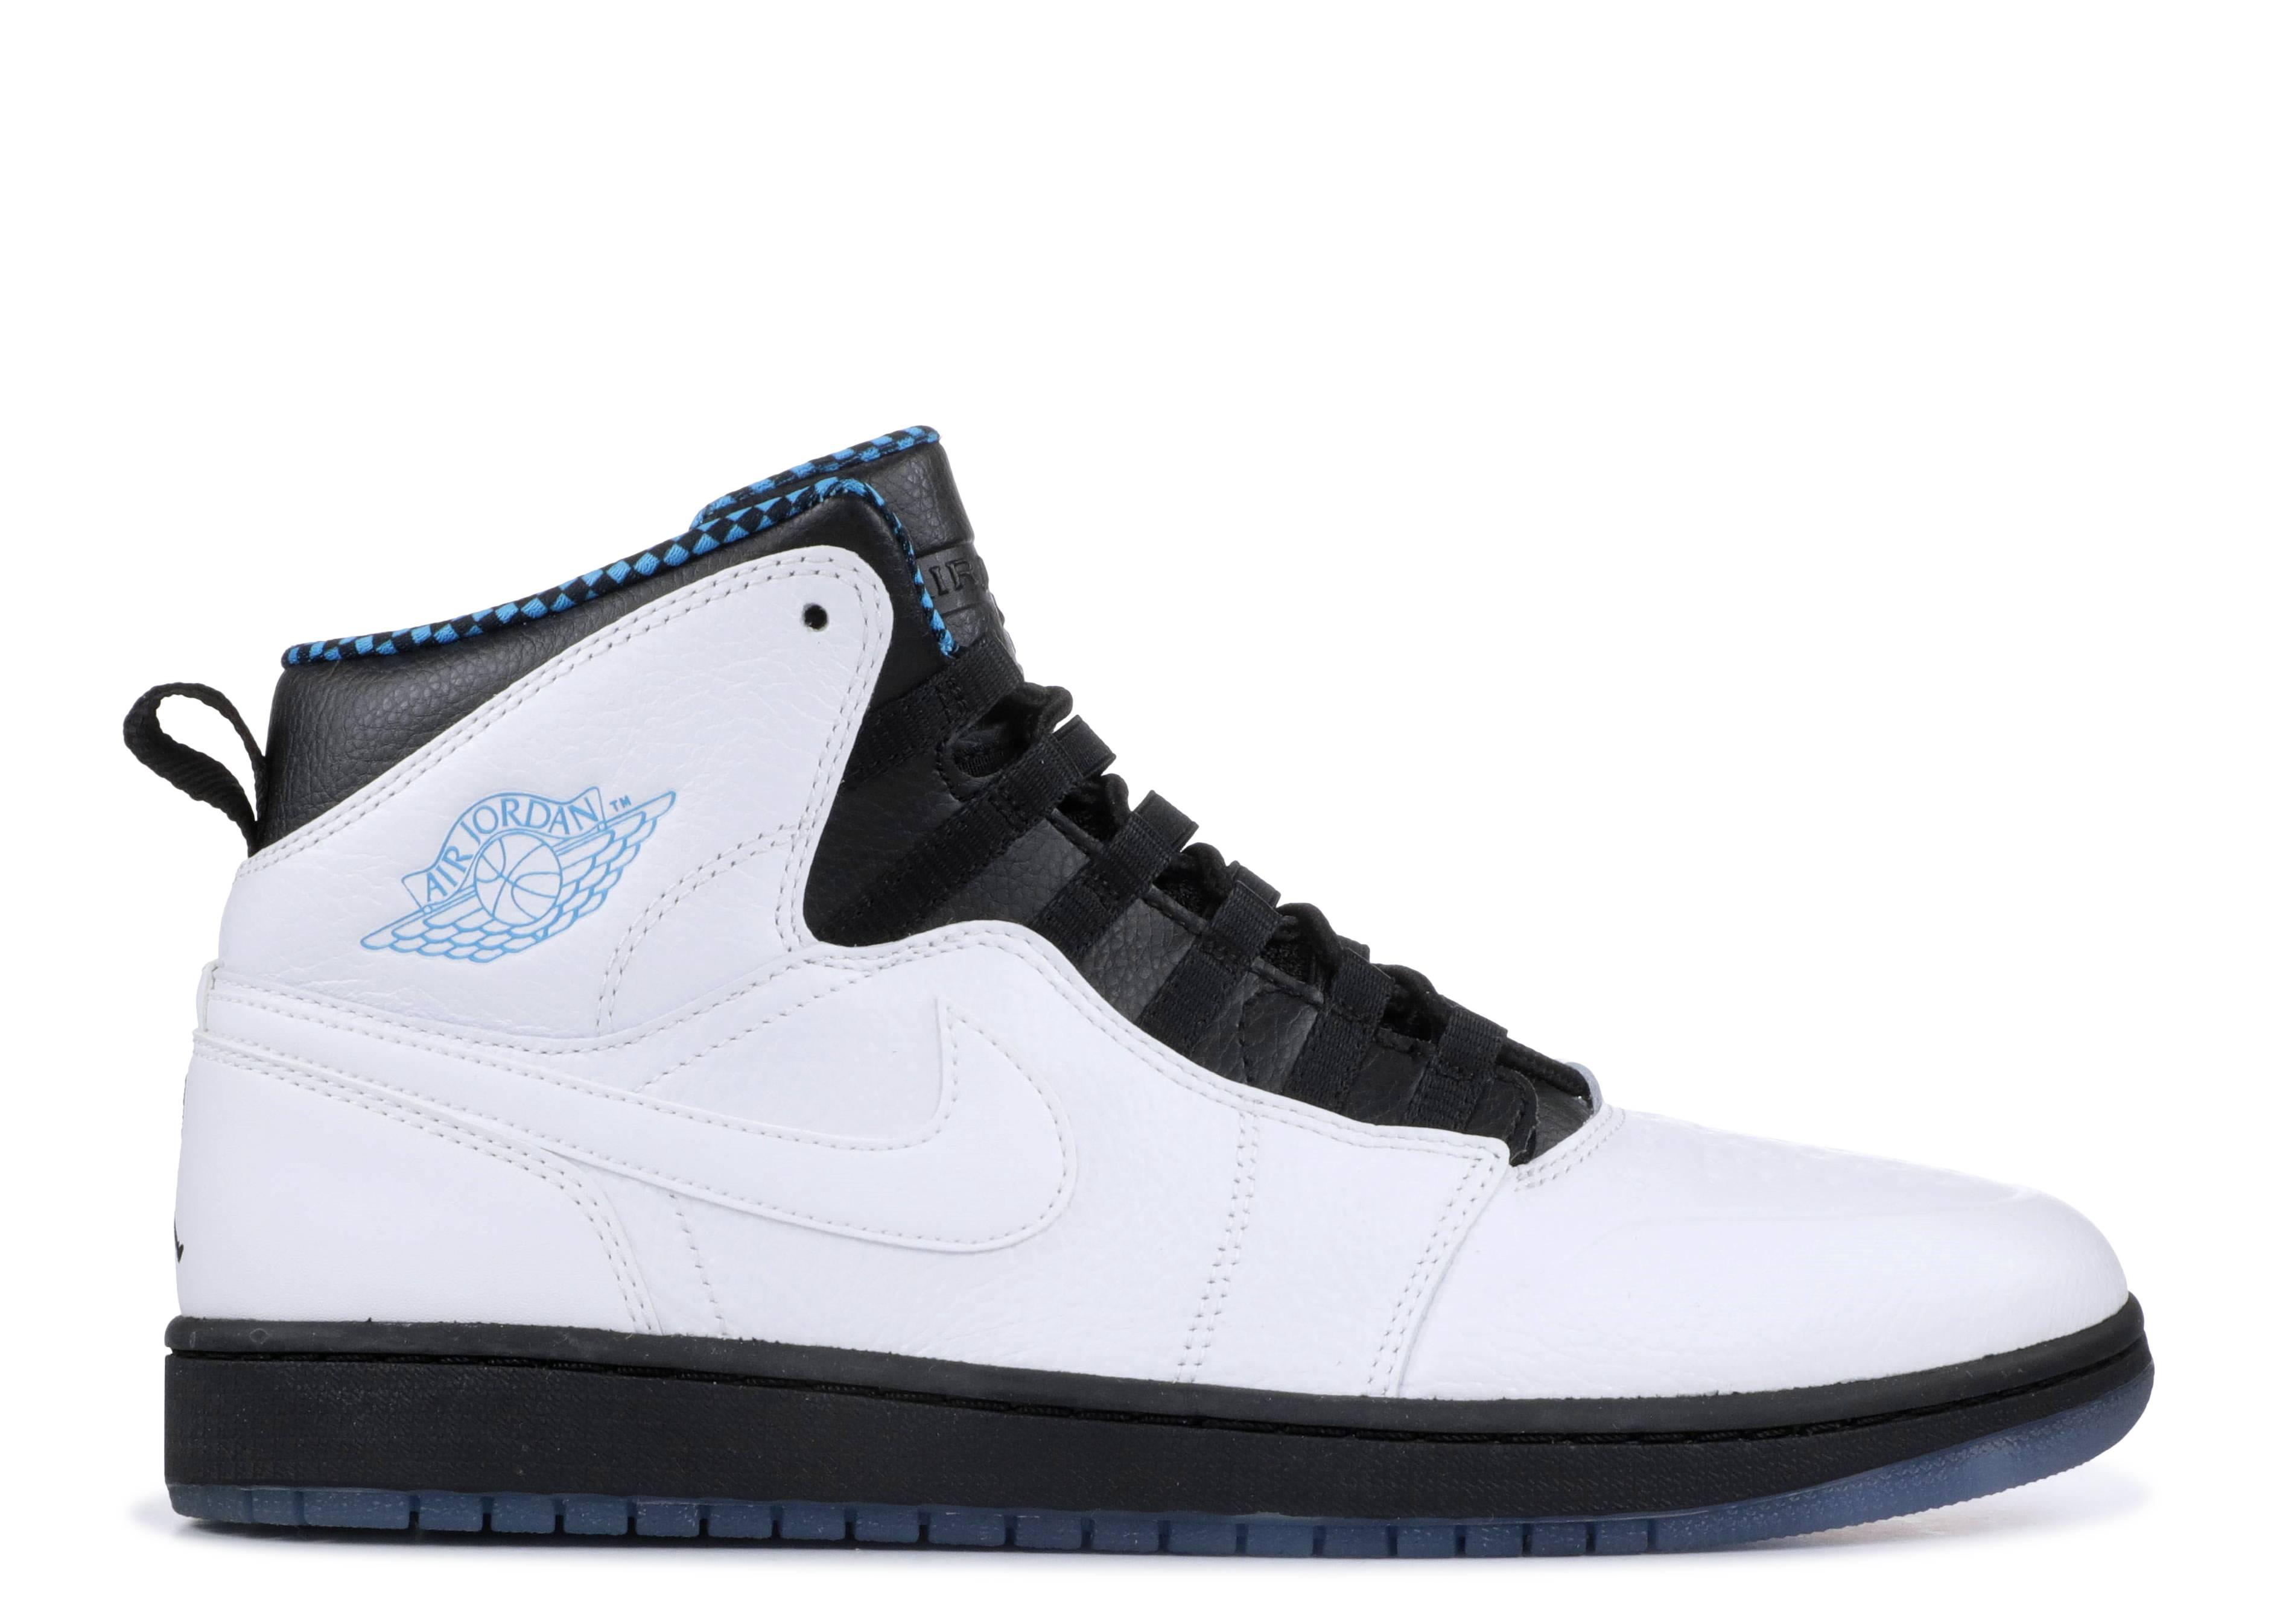 Air Jordan 1 Retro 94